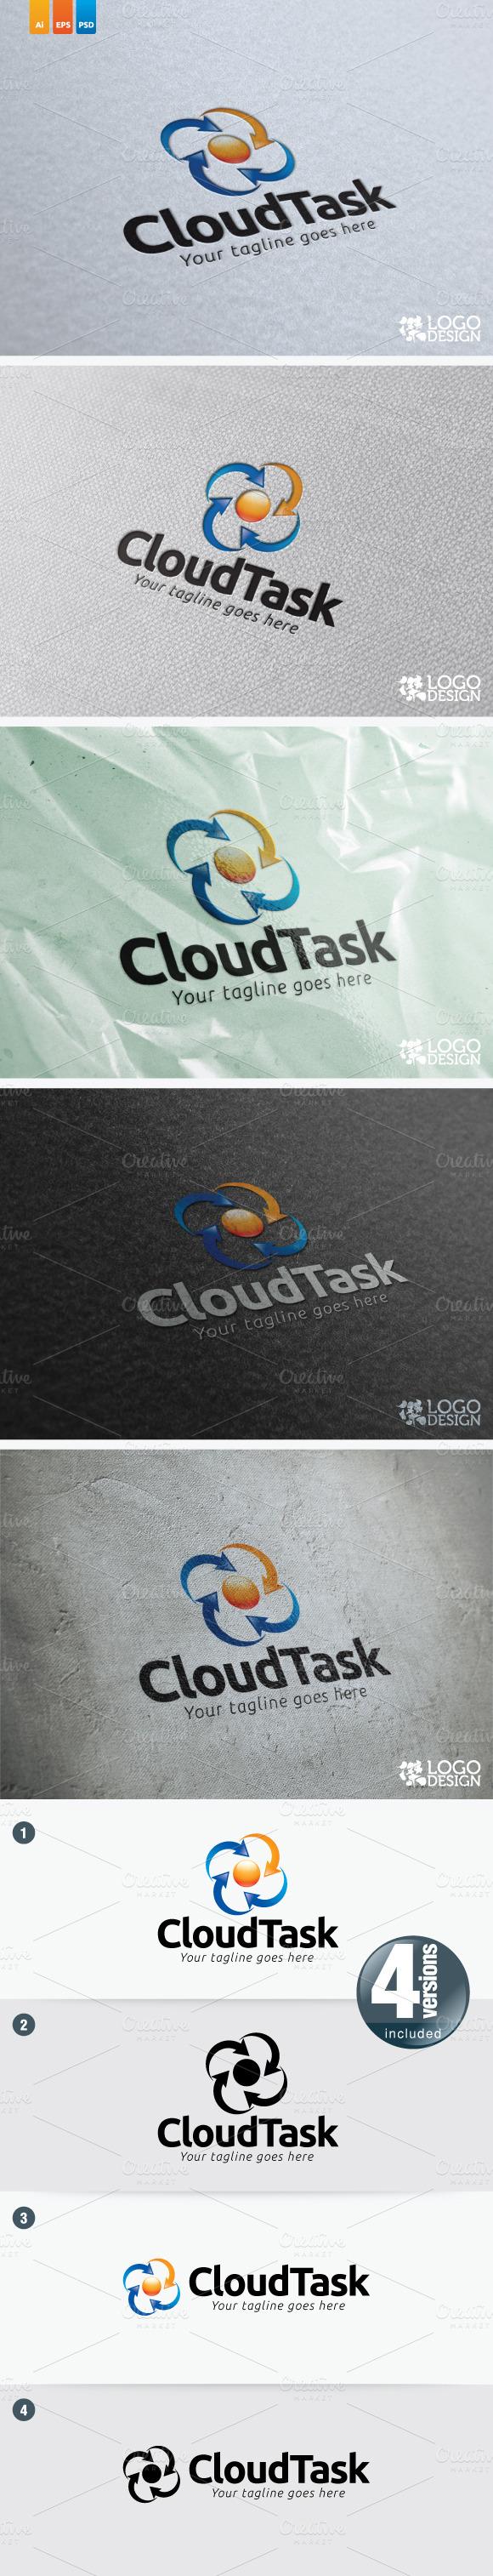 Cloud Task